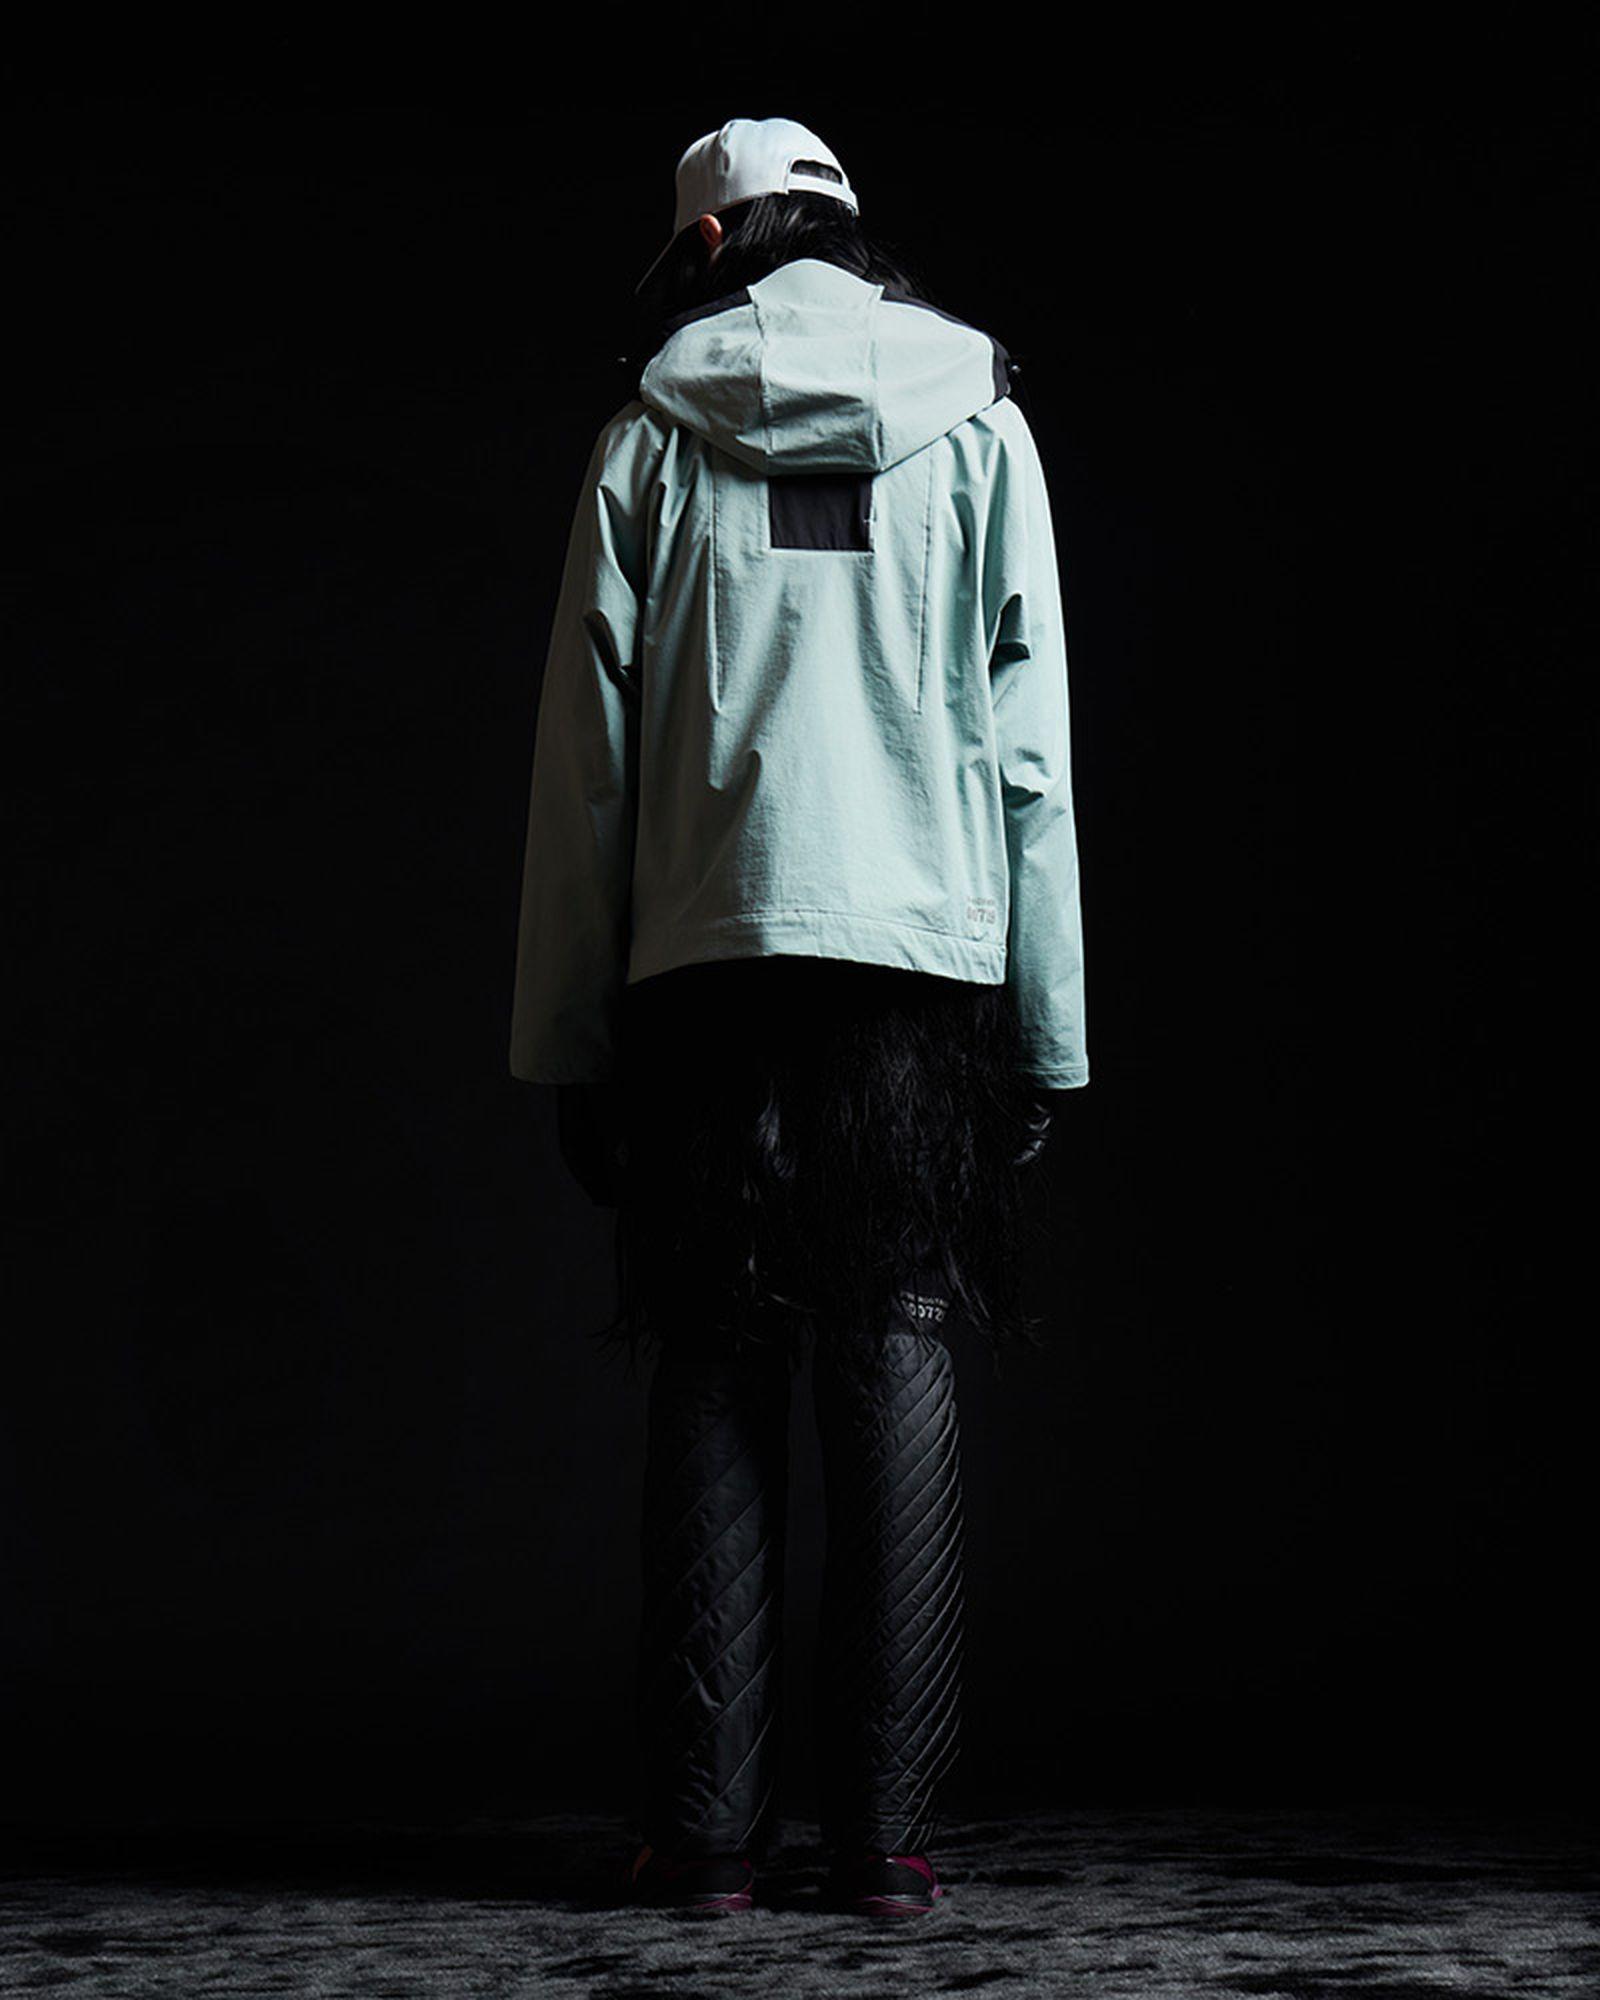 kiko kostadinov asics gel nepxa release date price apparel